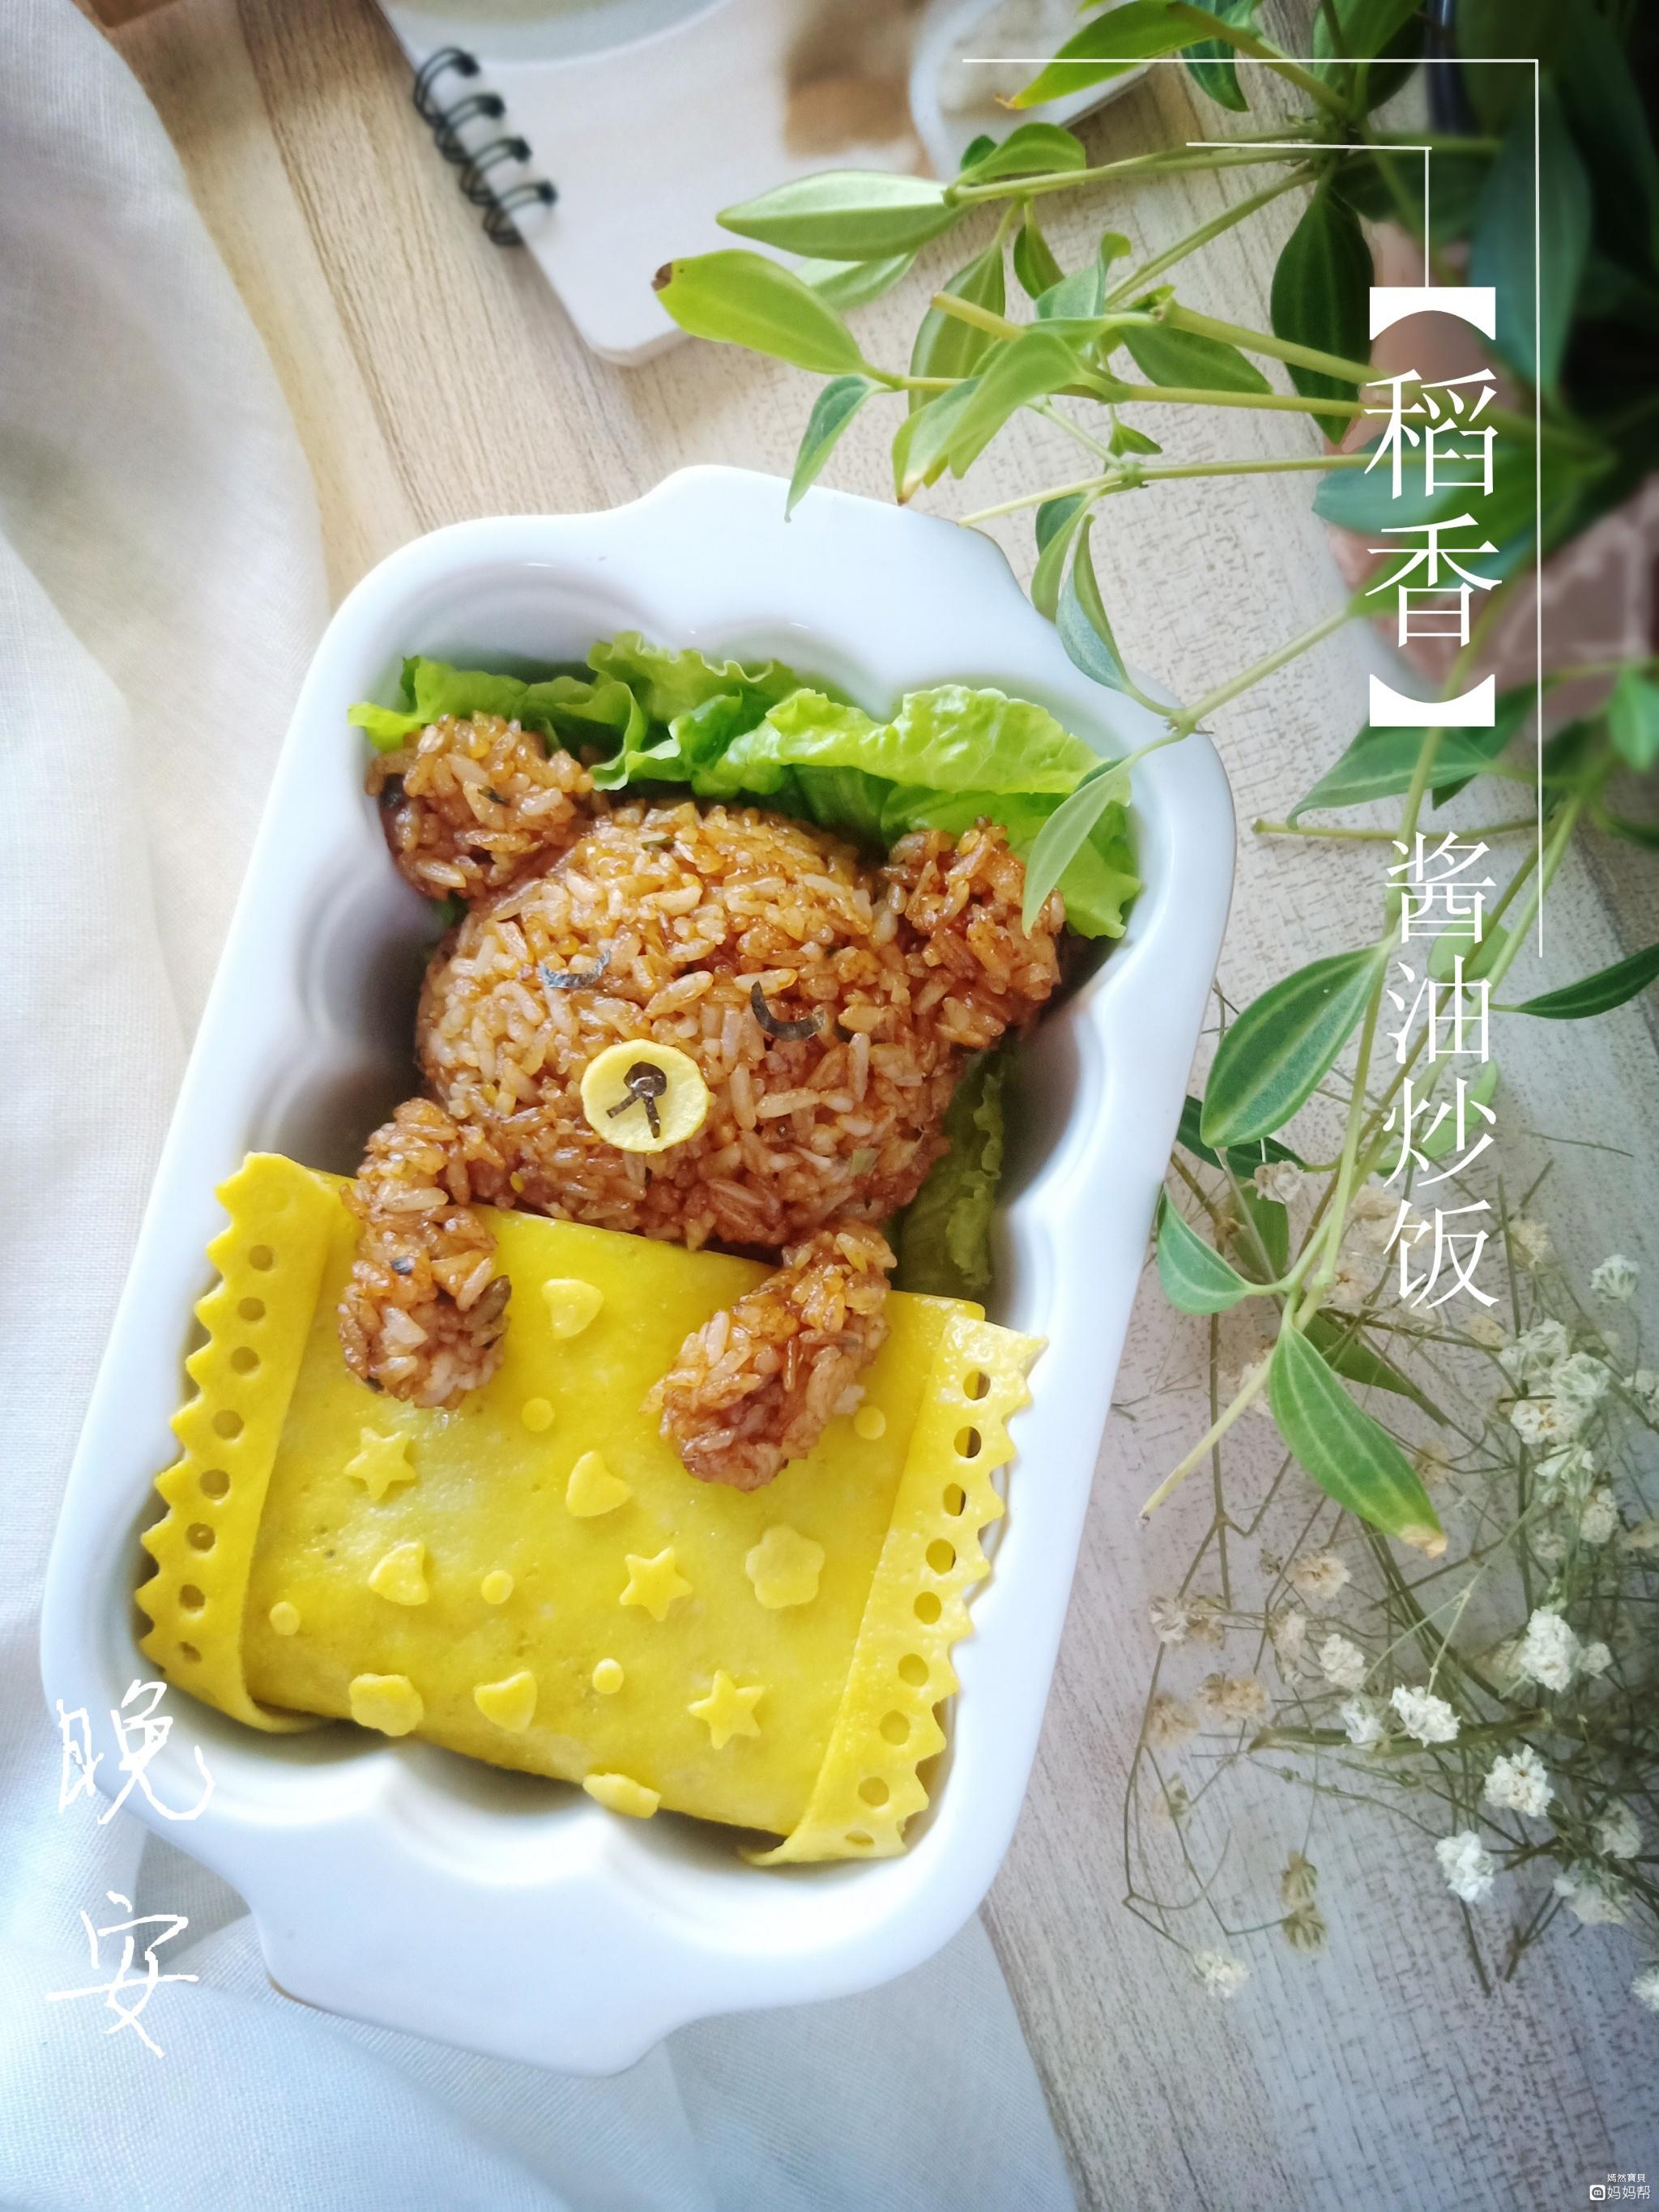 食材:米饭,酱油,鸡蛋,葱,蒜头,食用油,海苔,生菜  做法:1,摊鸡蛋饼图片